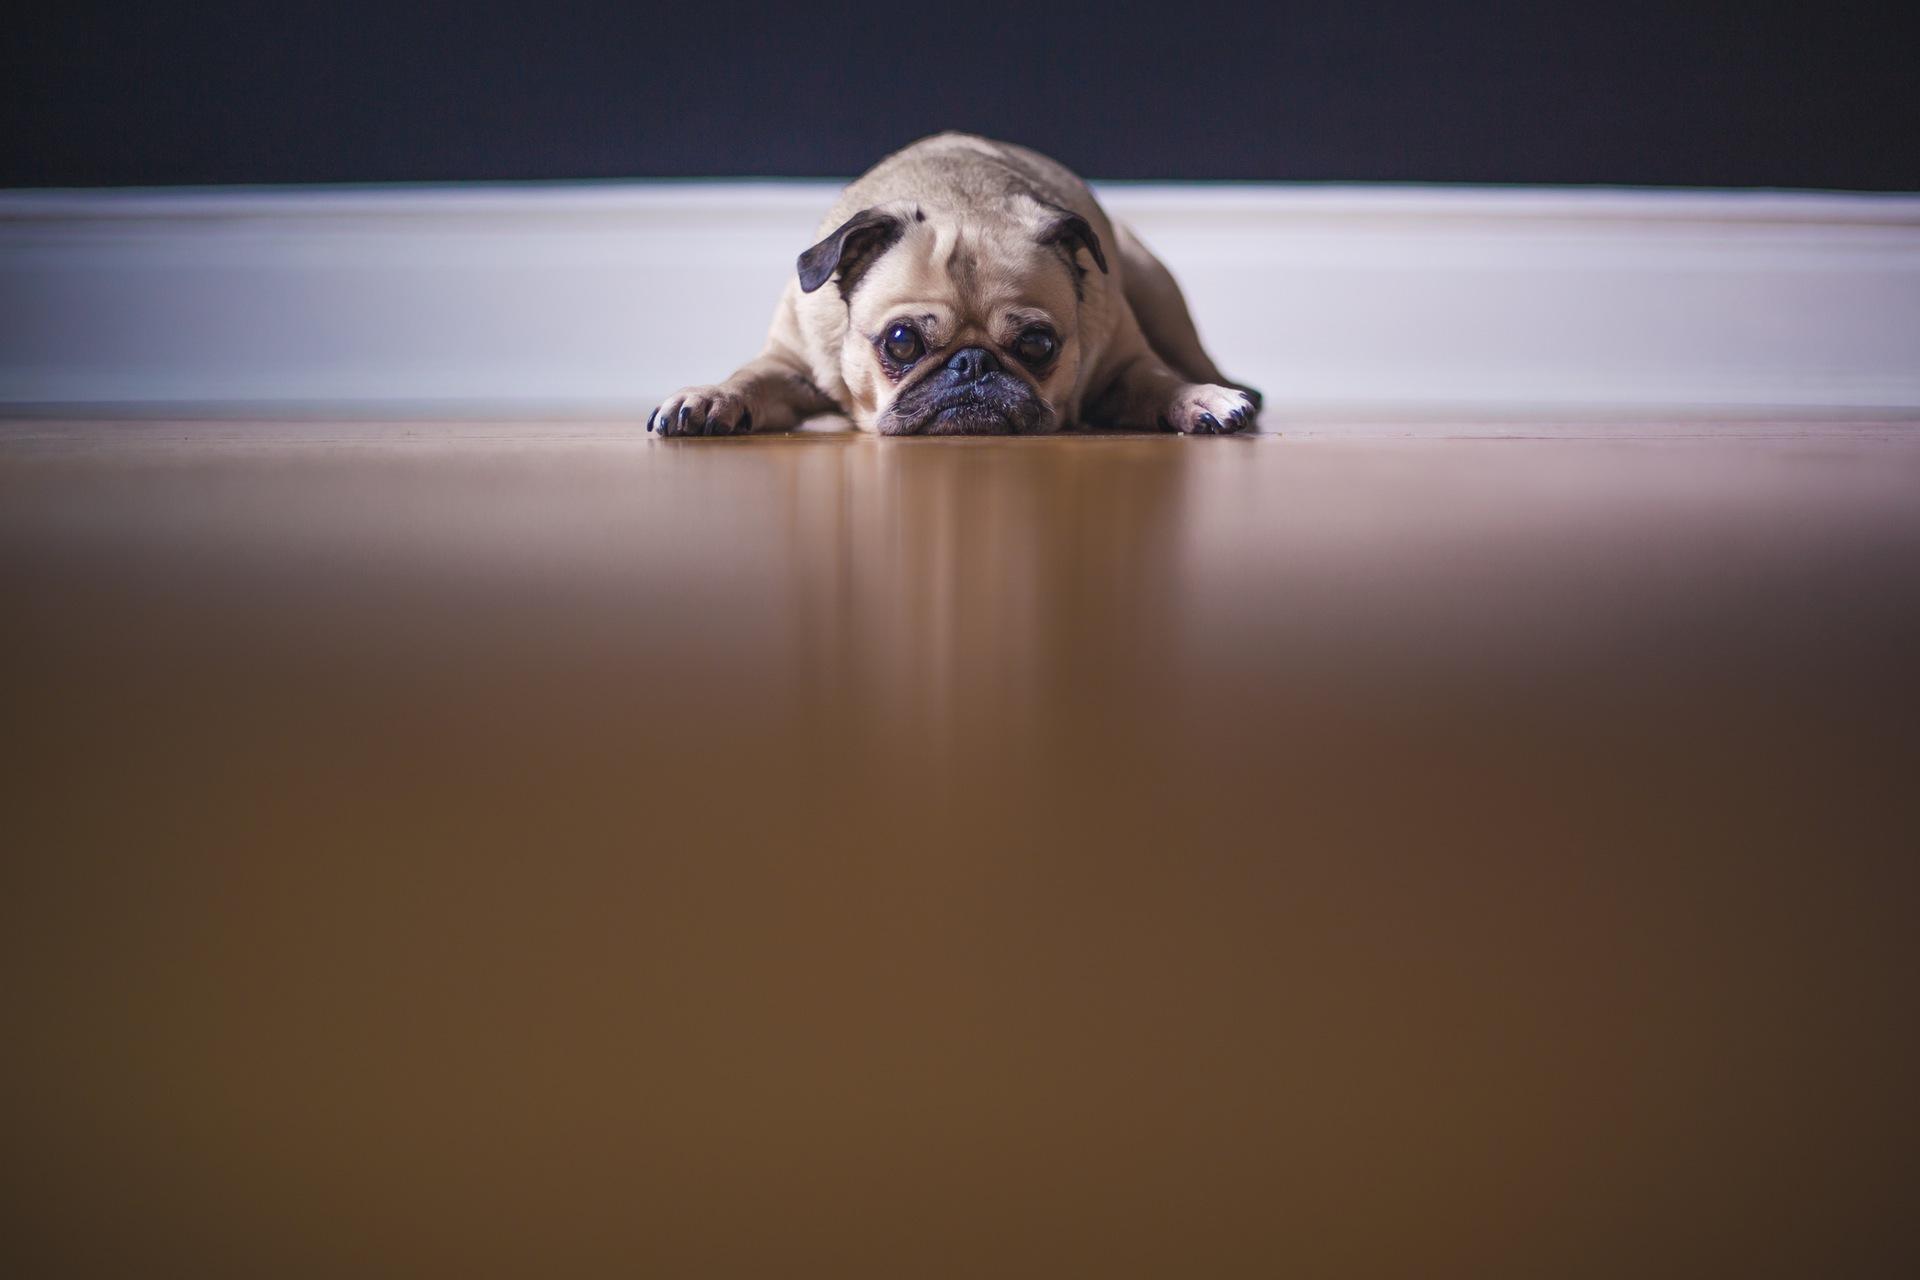 cane, sguardo, stanco, tenerezza, amico, Animale domestico - Sfondi HD - Professor-falken.com